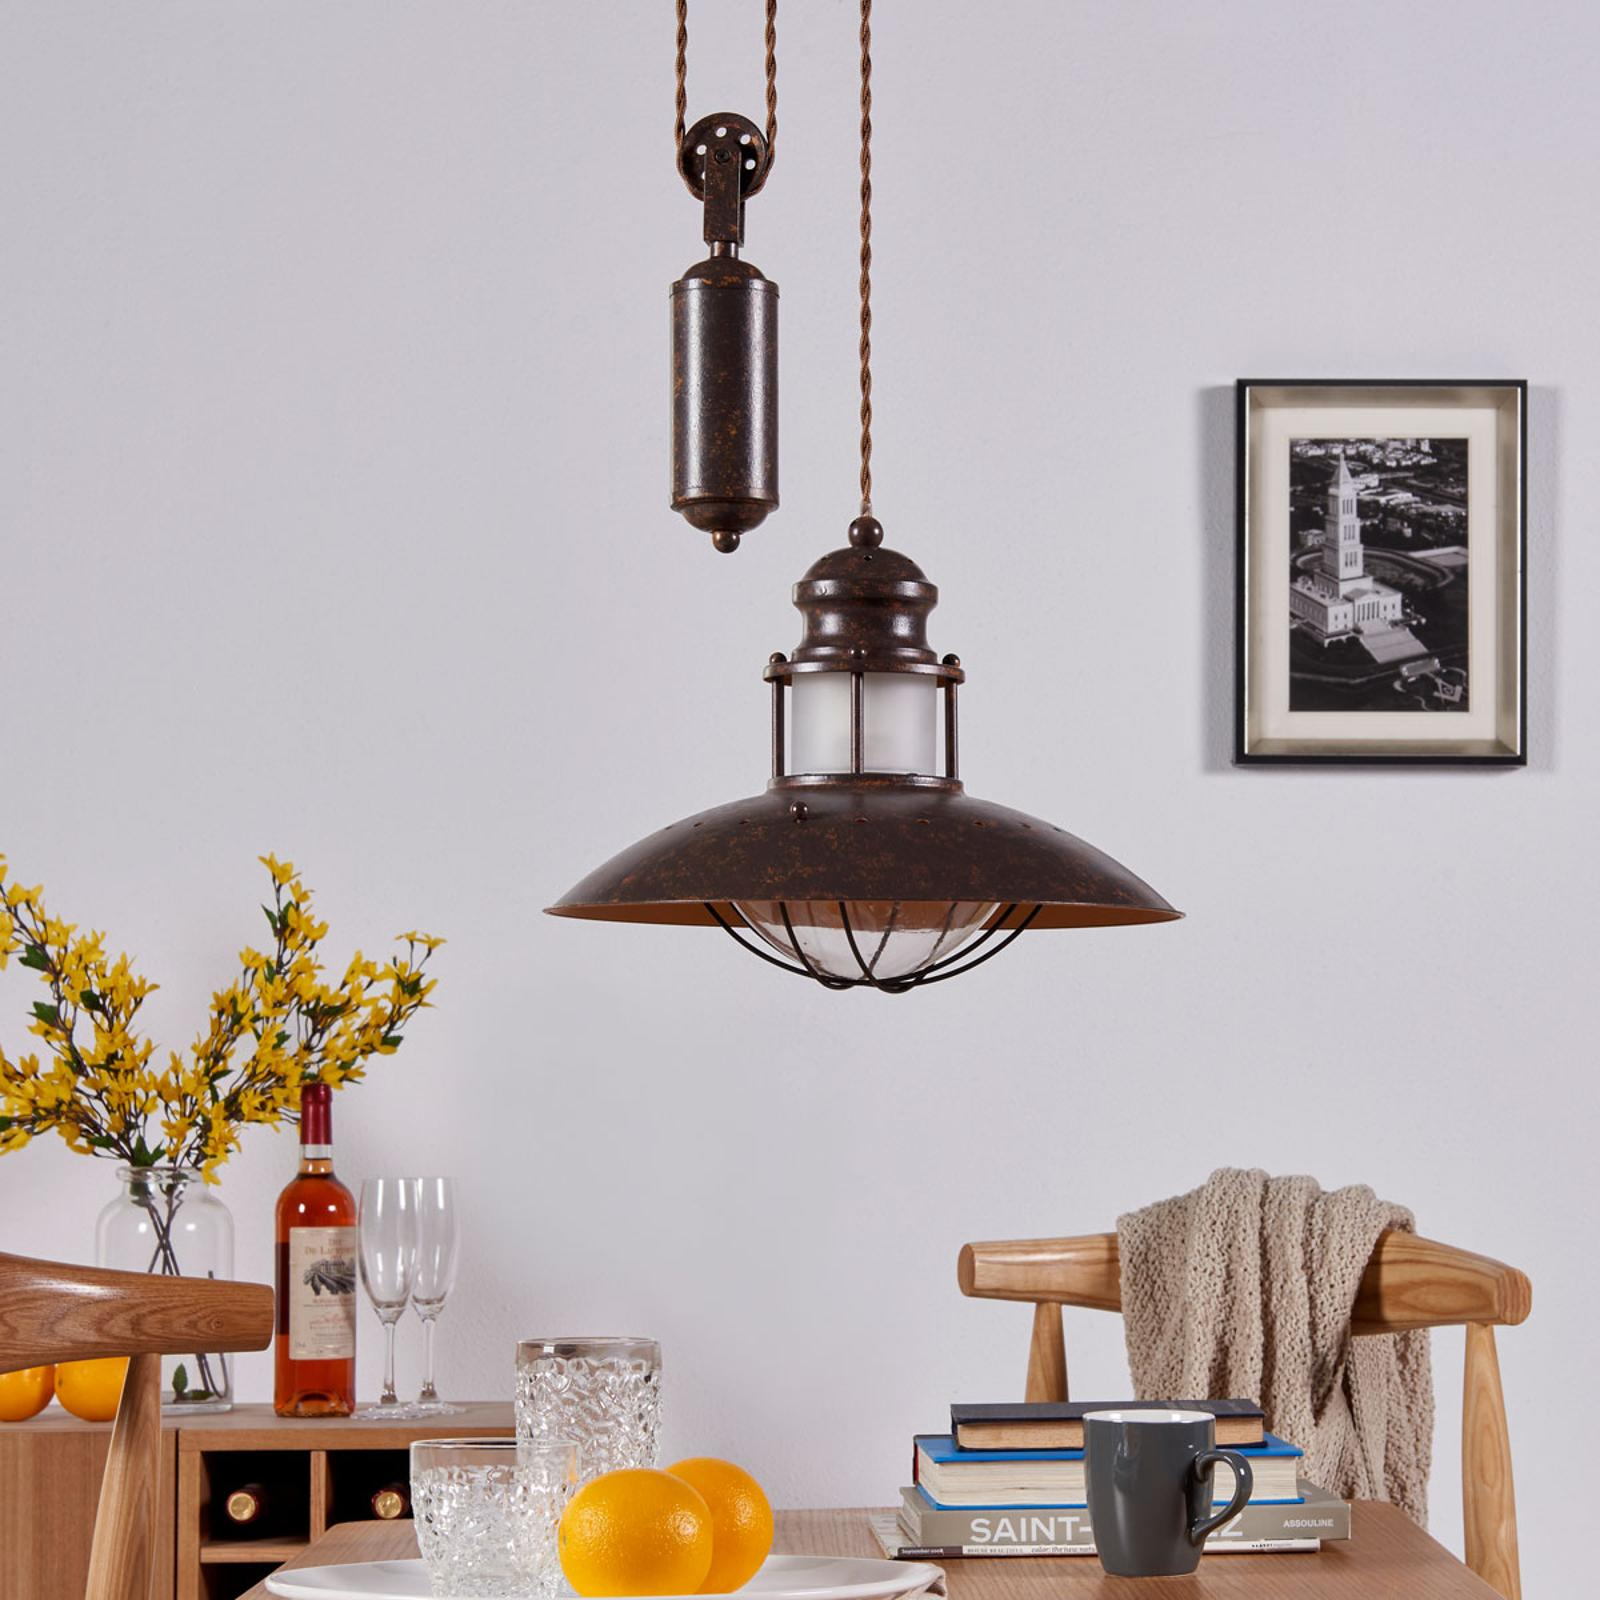 Lampe Aufhängen Affenschaukel